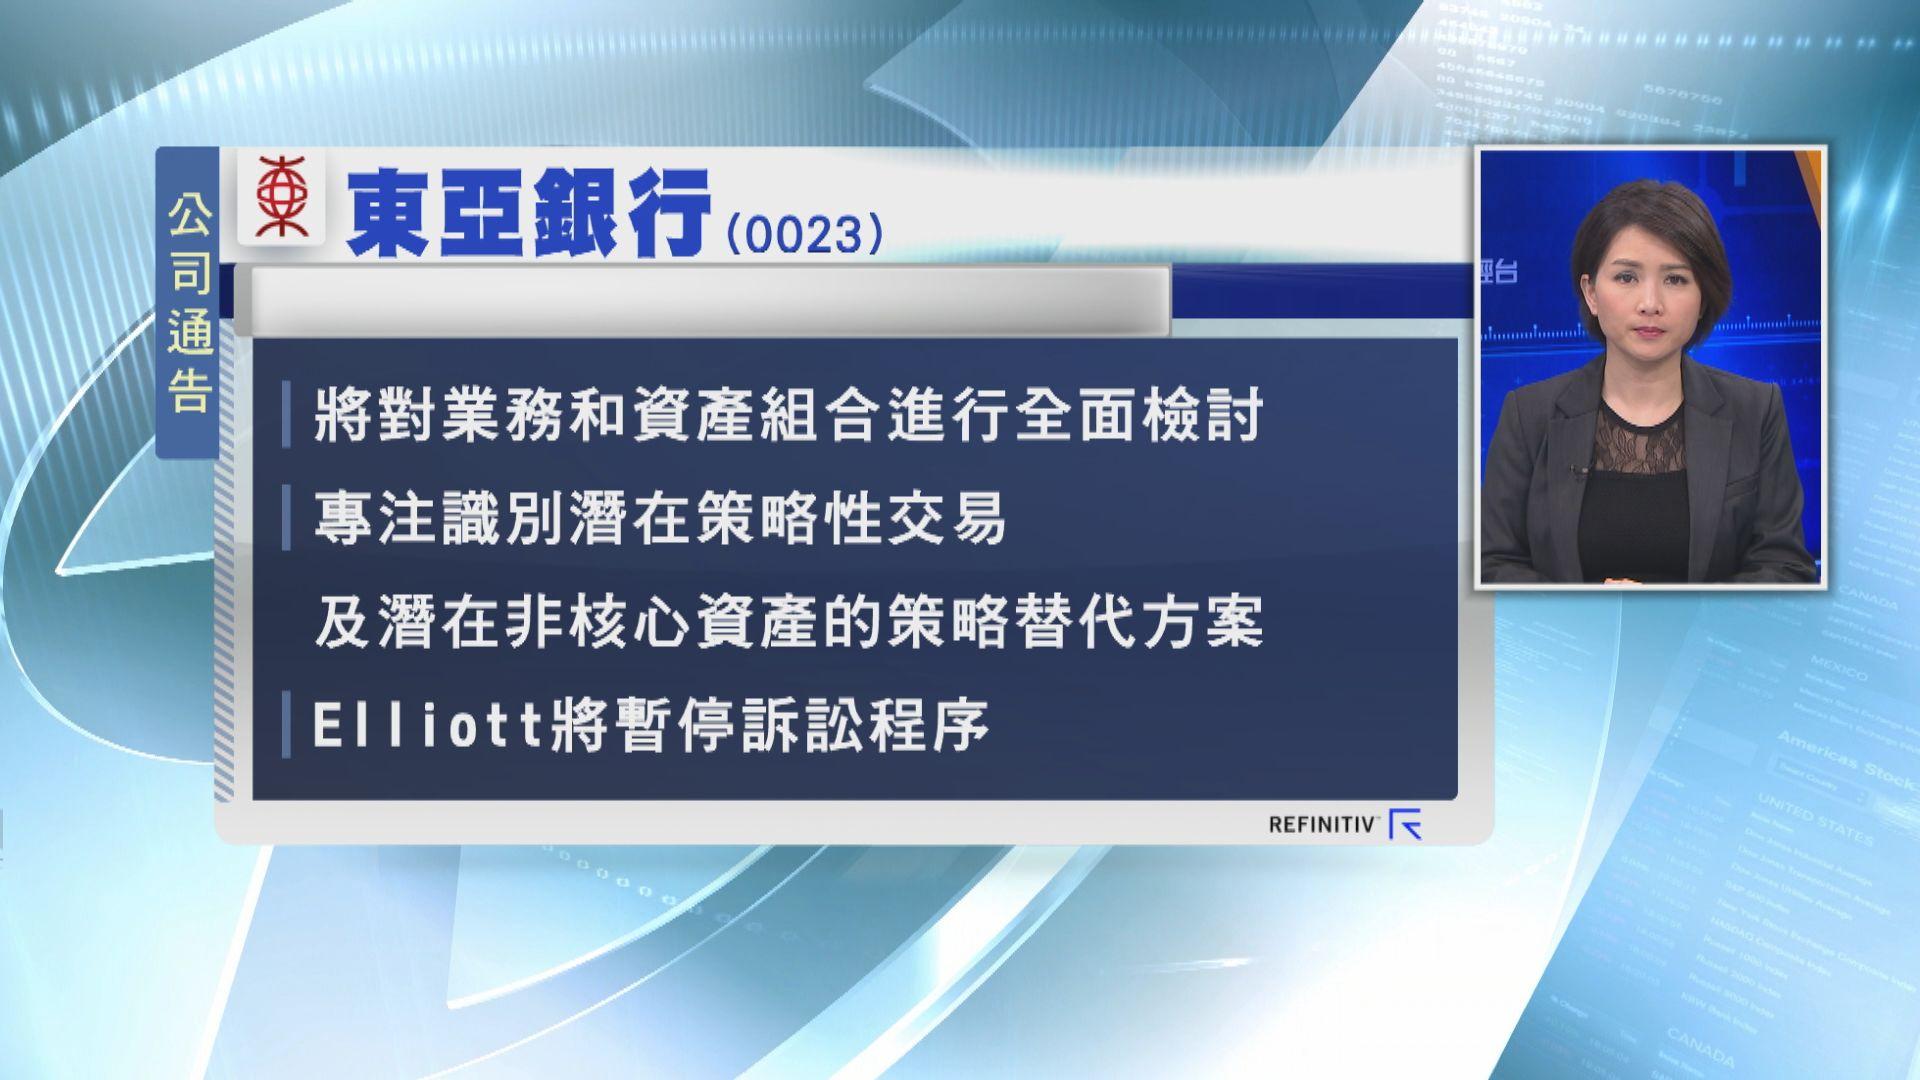 【業務檢討】東亞全面檢討業務和資產組合